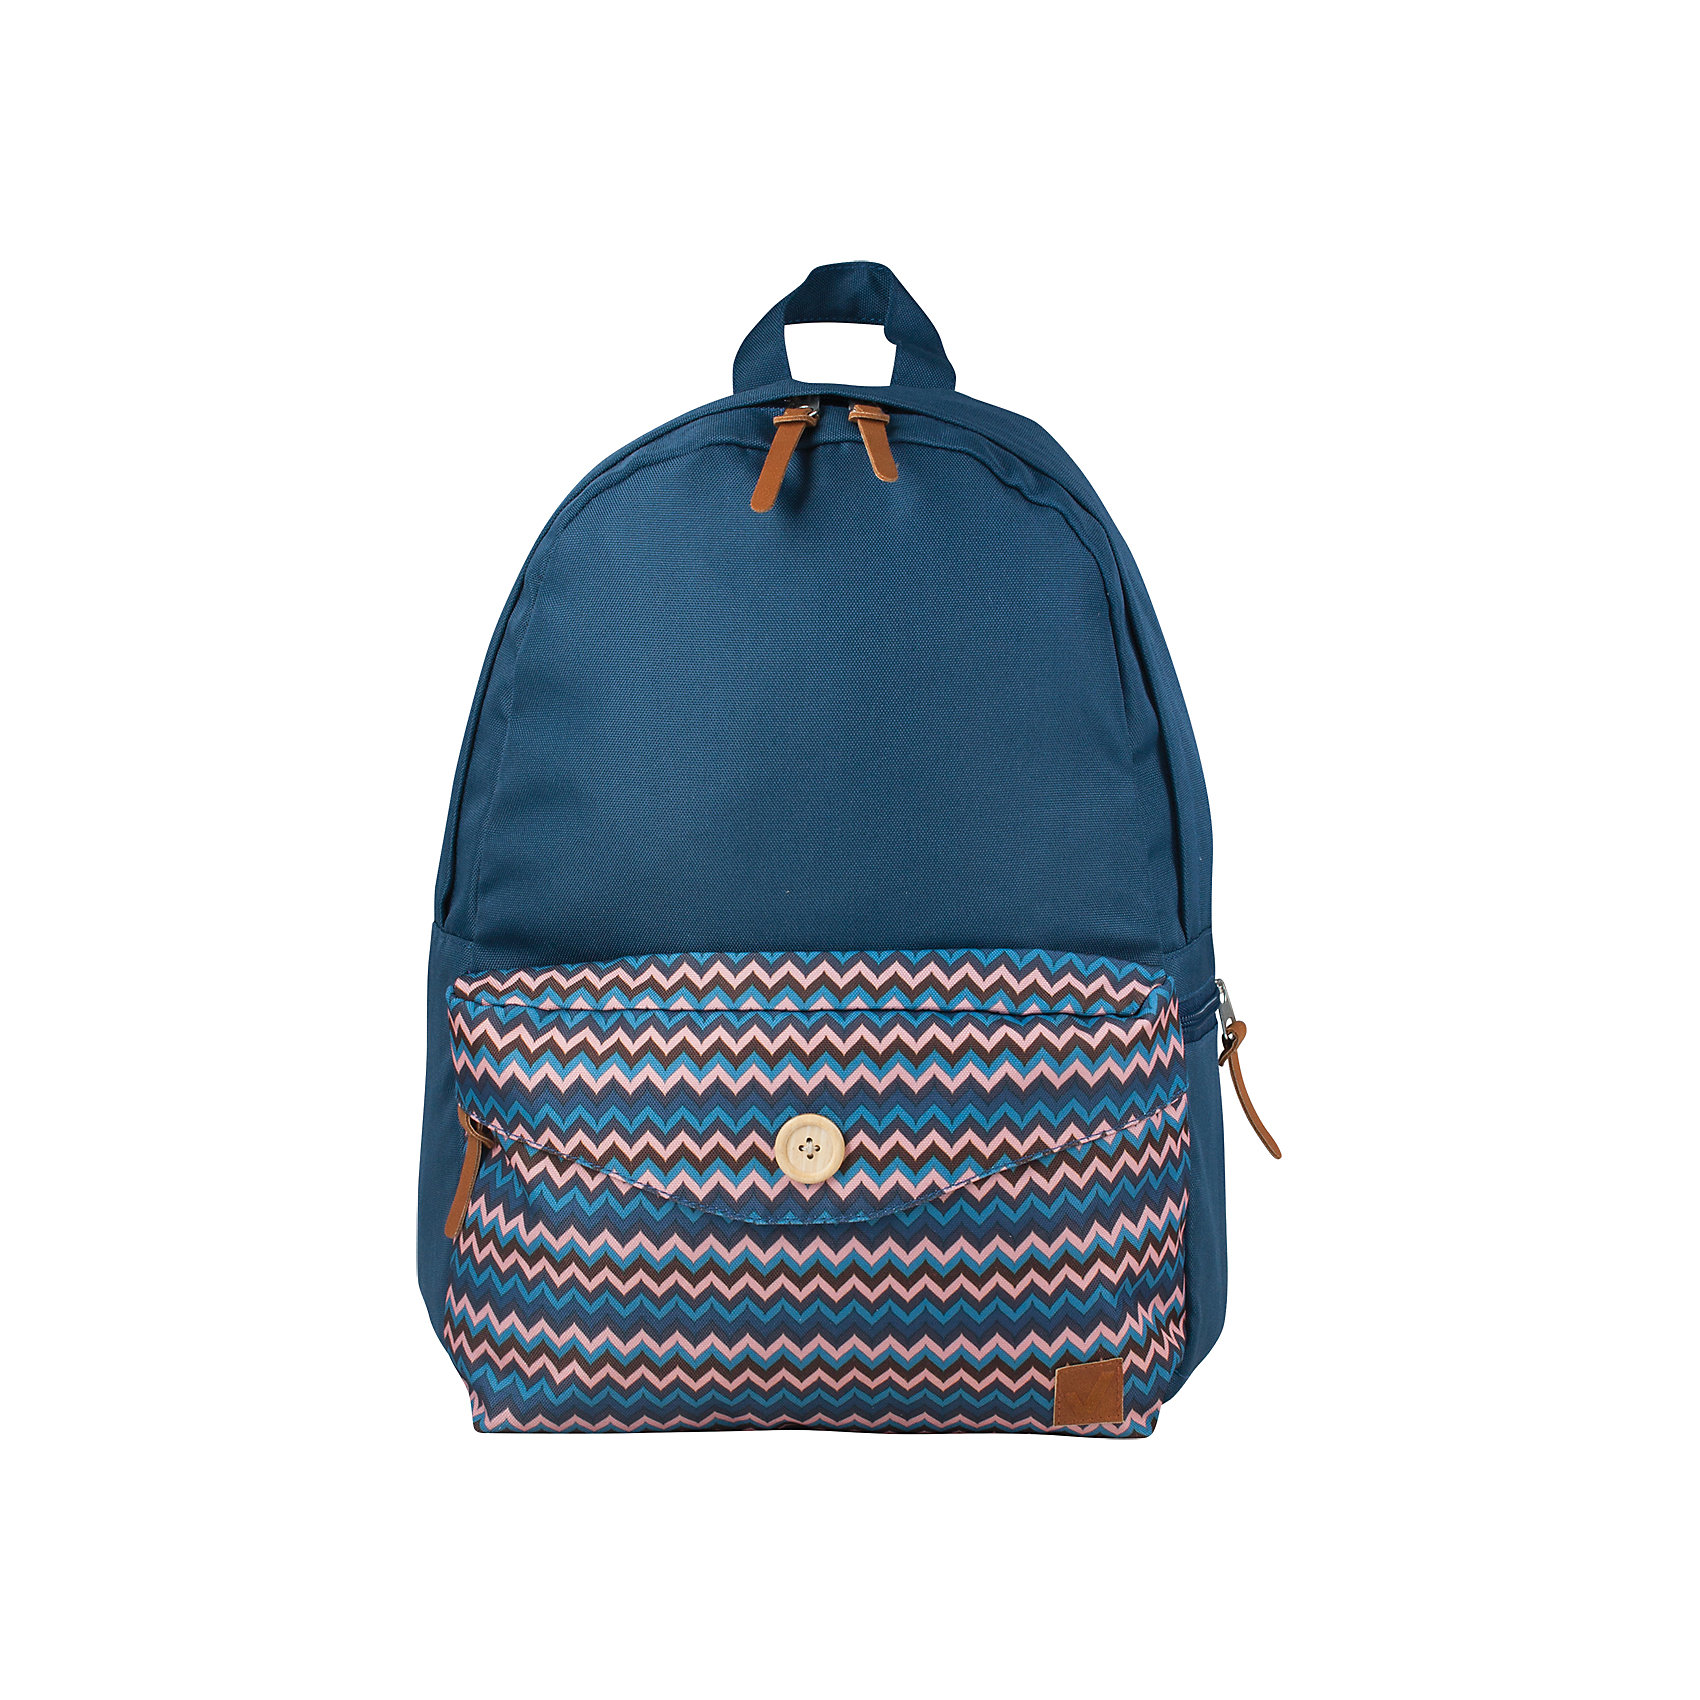 Рюкзак, карман с пуговицейСдержанный дизайн этой модели в приглушенных тонах с декоративными элементами придется по вкусу утонченным натурам. Вместительный рюкзак подойдет как старшеклассницам, так и студенткам и станет надежным спутником в городе и за его чертой.<br><br>Ширина мм: 2<br>Глубина мм: 32<br>Высота мм: 40<br>Вес г: 490<br>Возраст от месяцев: 72<br>Возраст до месяцев: 144<br>Пол: Мужской<br>Возраст: Детский<br>SKU: 4874359